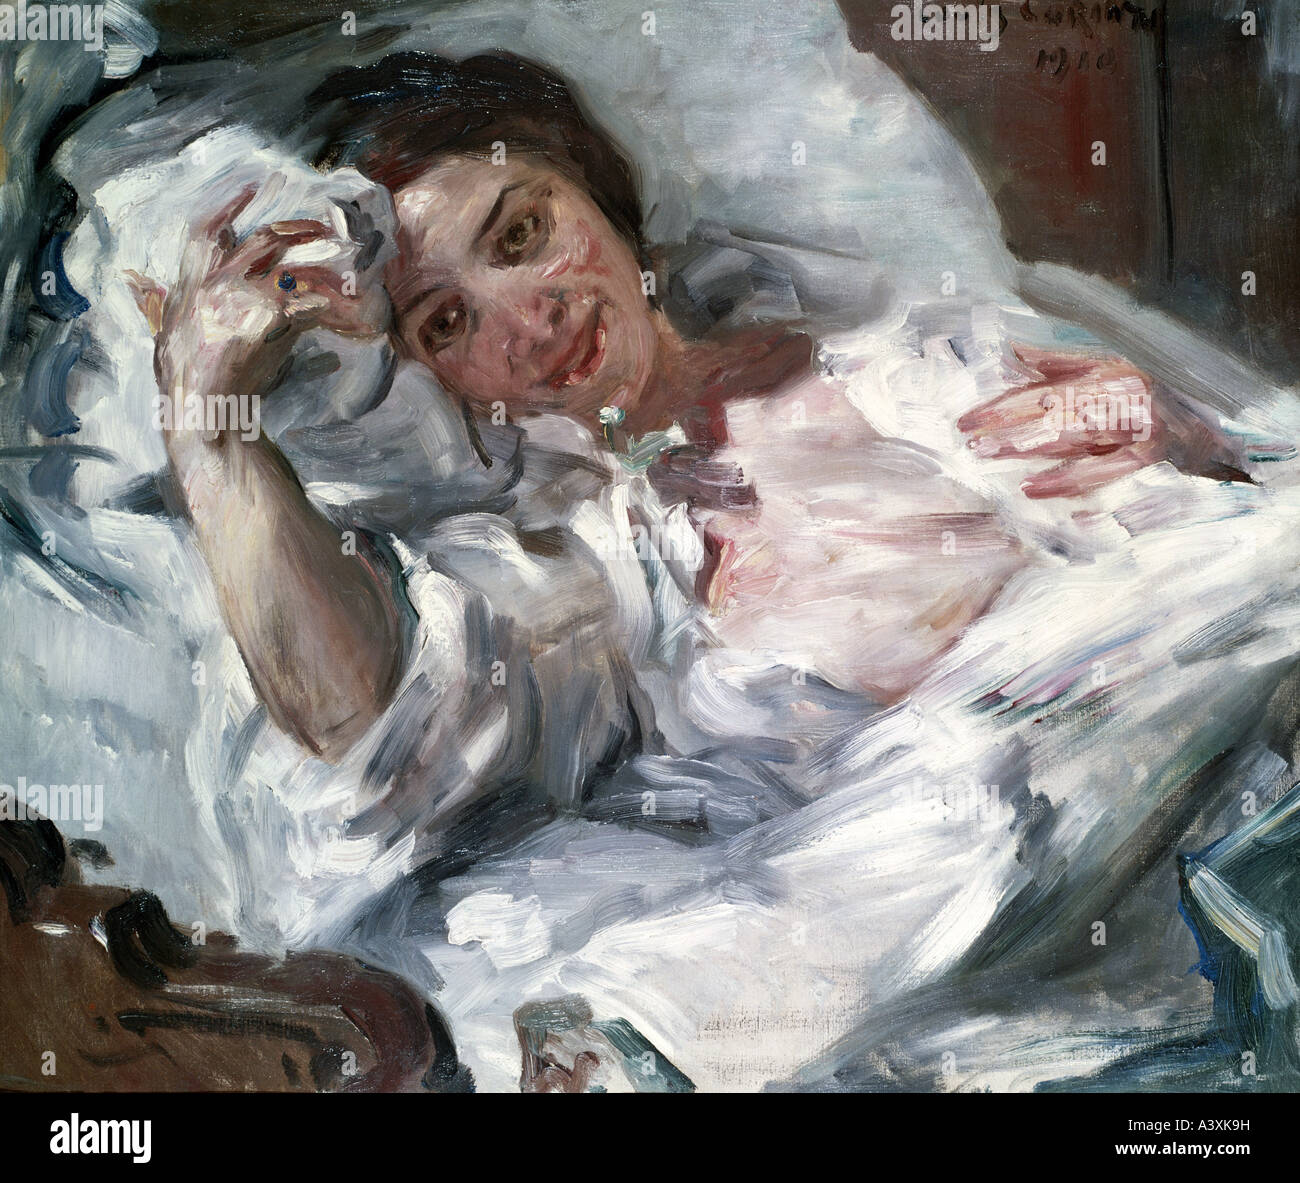 """""""Bildende Kunst, Corinth, Lovis (1858-1925), Malerei,""""Morgensonne"""", (""""Morgensonne""""), 1910, Stockbild"""